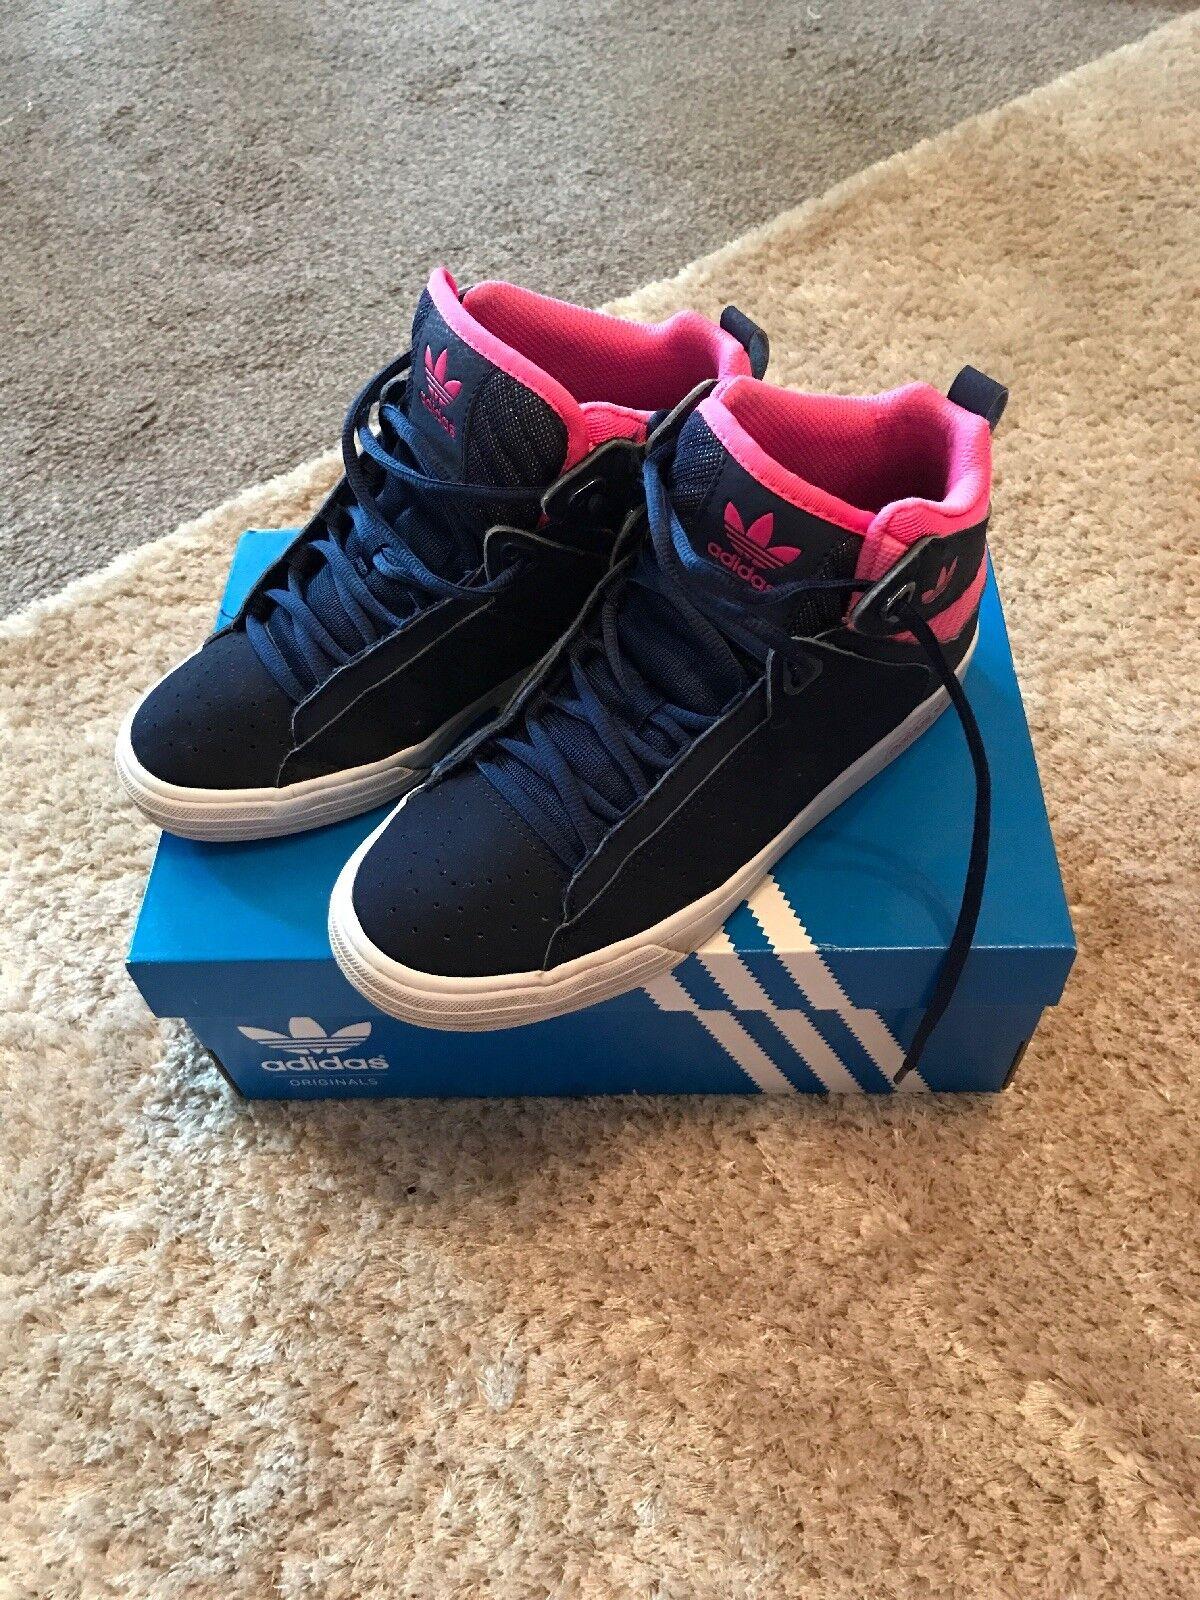 Señoras / chicas mayores botas Adidas Mid Hi Top botas mayores comodas marca de descuento c85d64